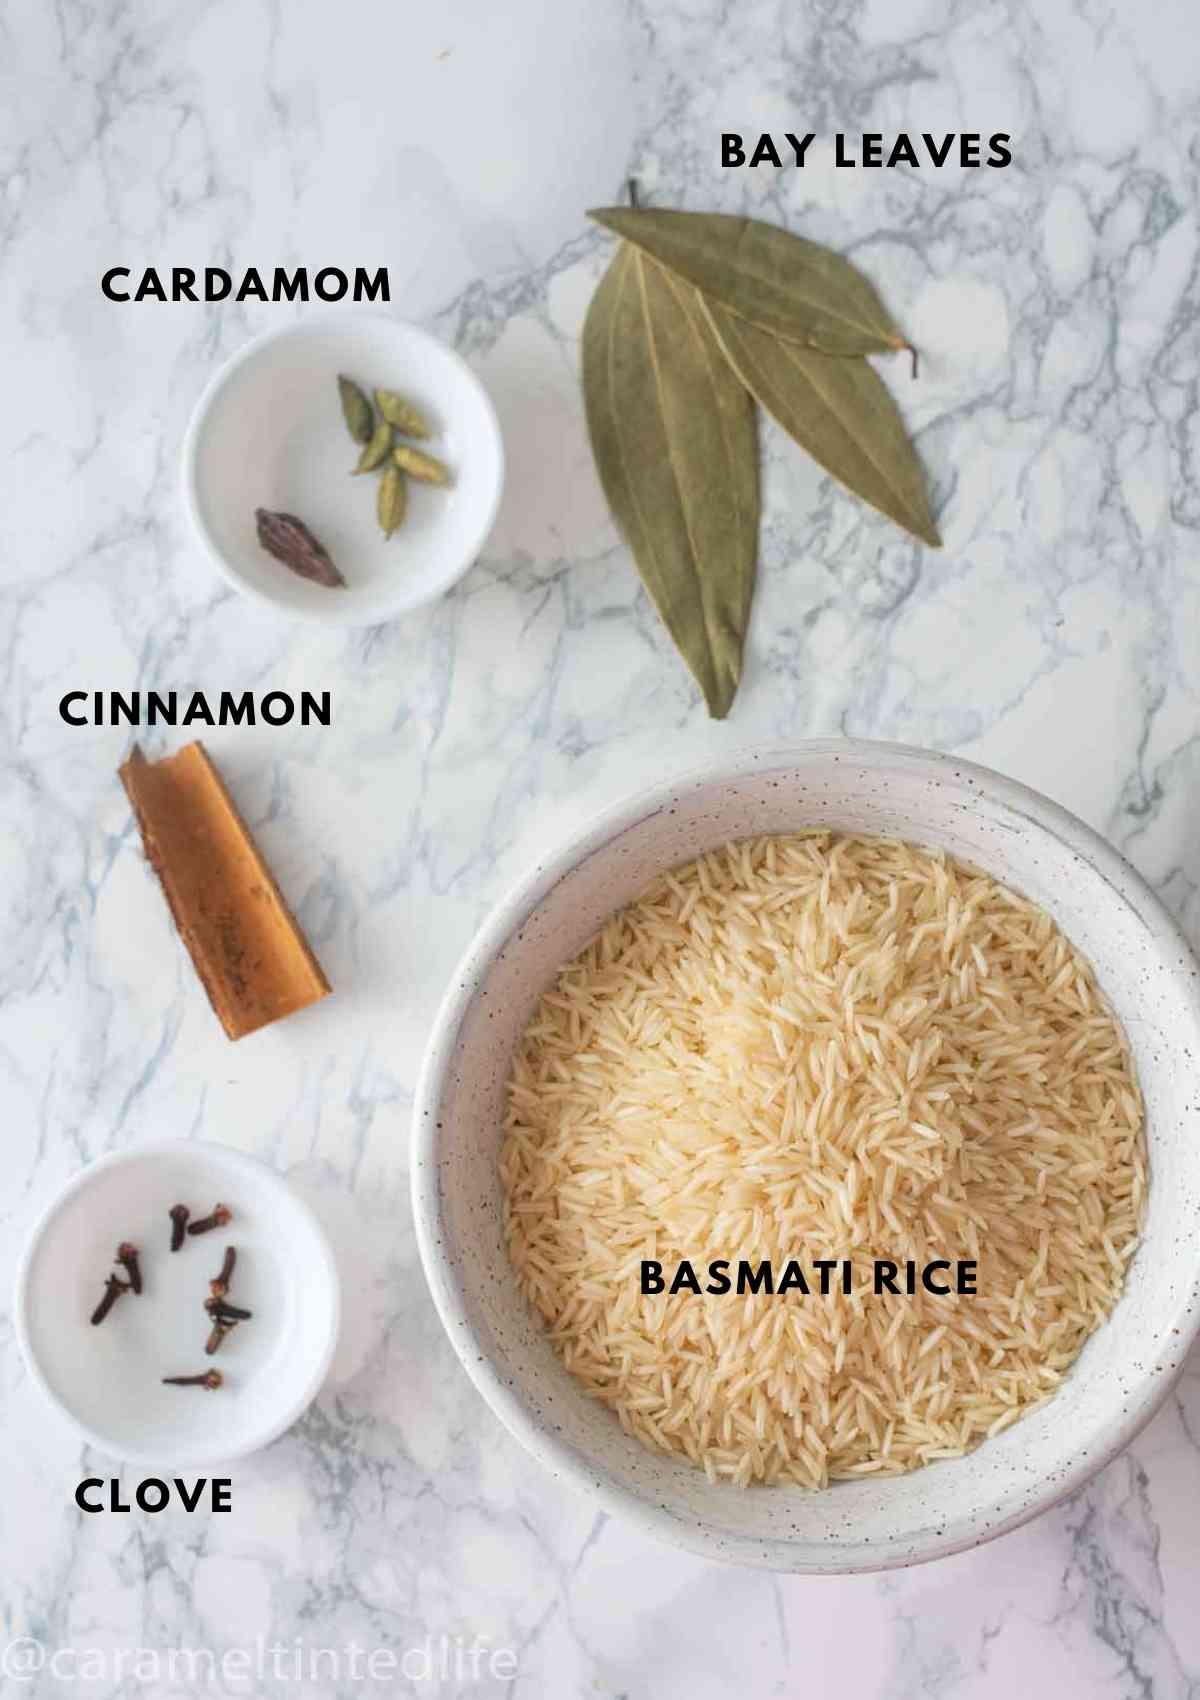 additional ingredients to make Chicken Dum Biryani Ingredients